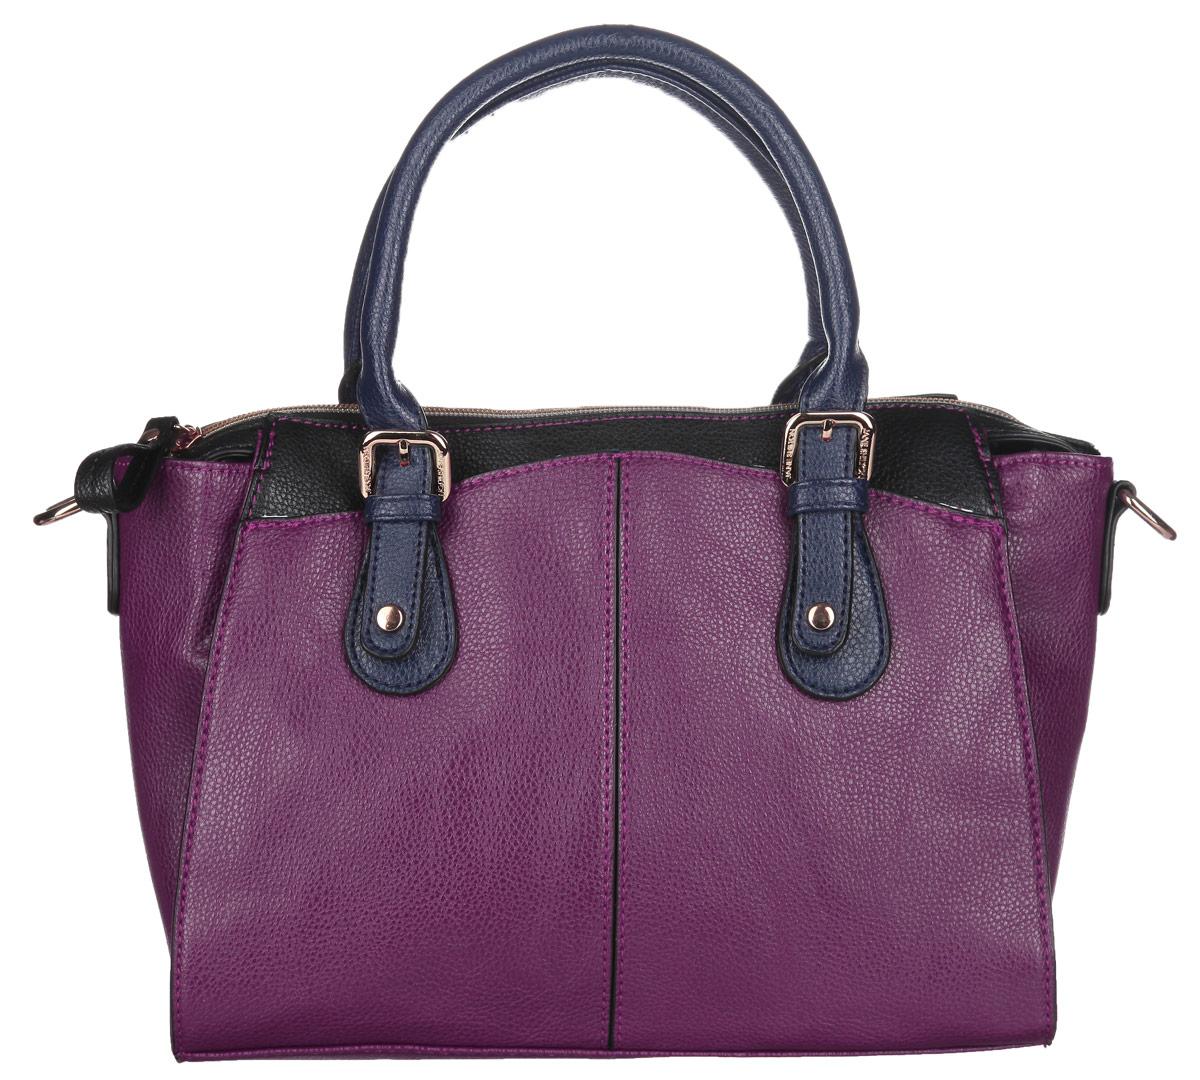 Сумка женская Jane Shilton, цвет: пурпурный, темно-синий, черный. 19231923m_purpleОригинальная женская сумка Jane Shilton выполнена из искусственной кожи с фактурным тиснением. Изделие имеет одно основное отделение, которое закрывается на застежку-молнию. Внутри имеется прорезной кармашек на застежке-молнии и открытый пришивной карман для телефона. Снаружи на передней и задней стенках располагаются пришивные карманы, которые закрываются на магнитные кнопки. Модель оснащена двумя ручками и съемным плечевым ремнем. Роскошная сумка внесет элегантные нотки в ваш образ и подчеркнет ваше отменное чувство стиля.